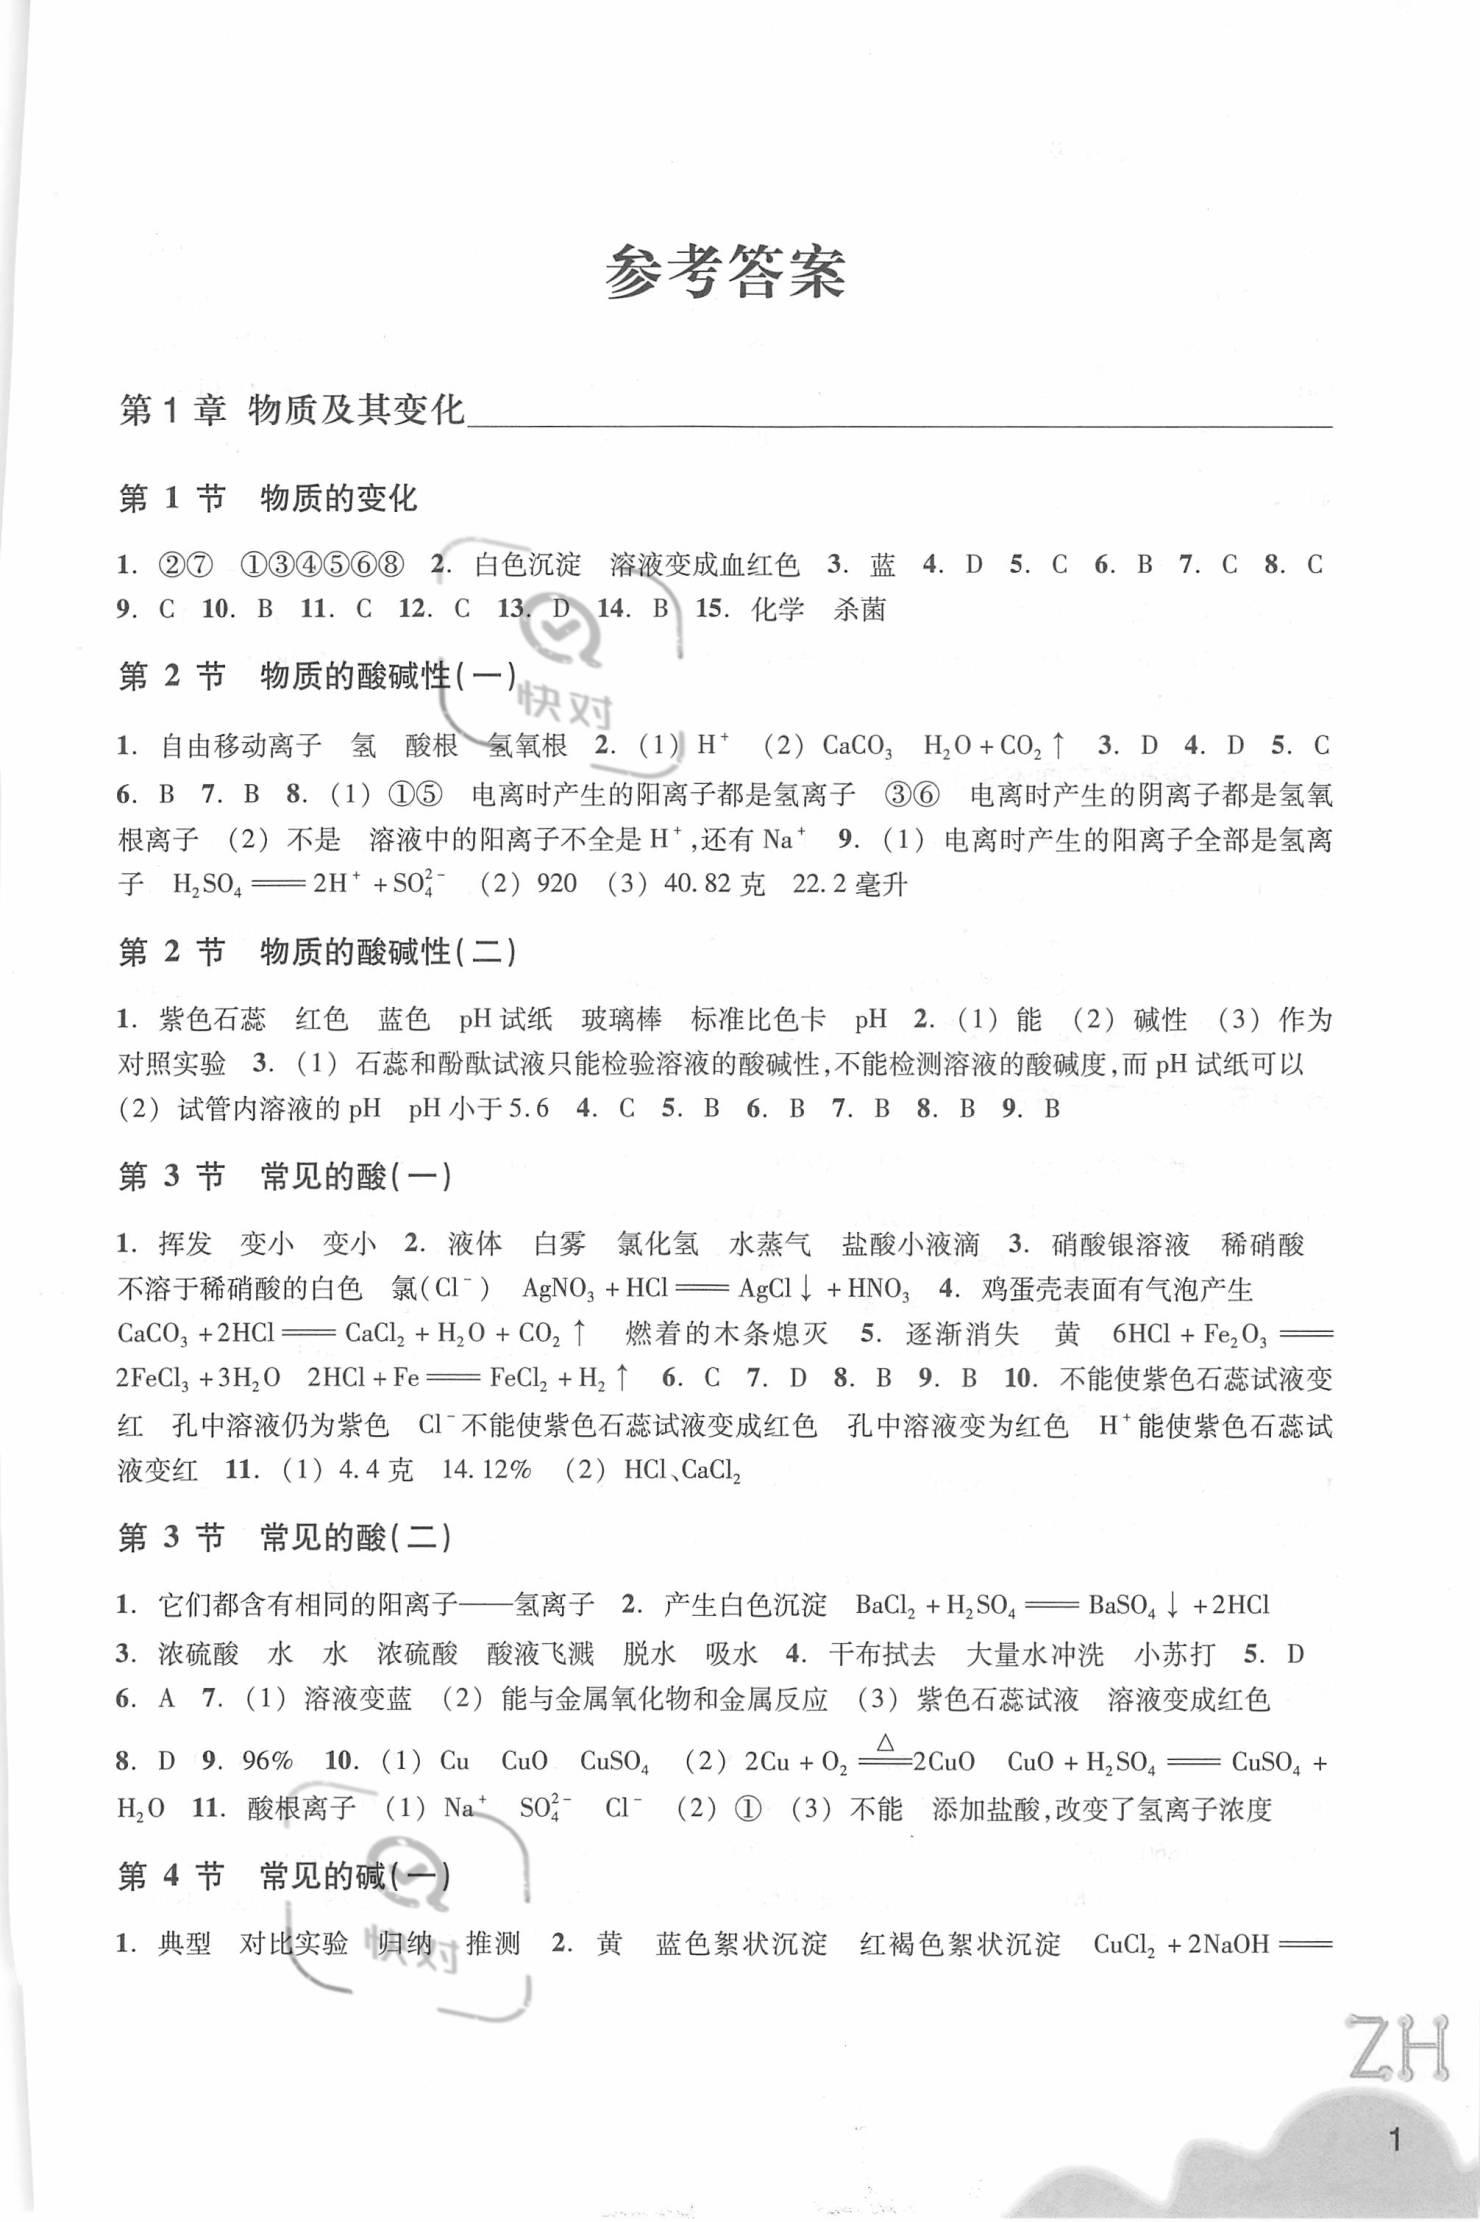 2020年科学作业本(B)九年级科学上册浙教版